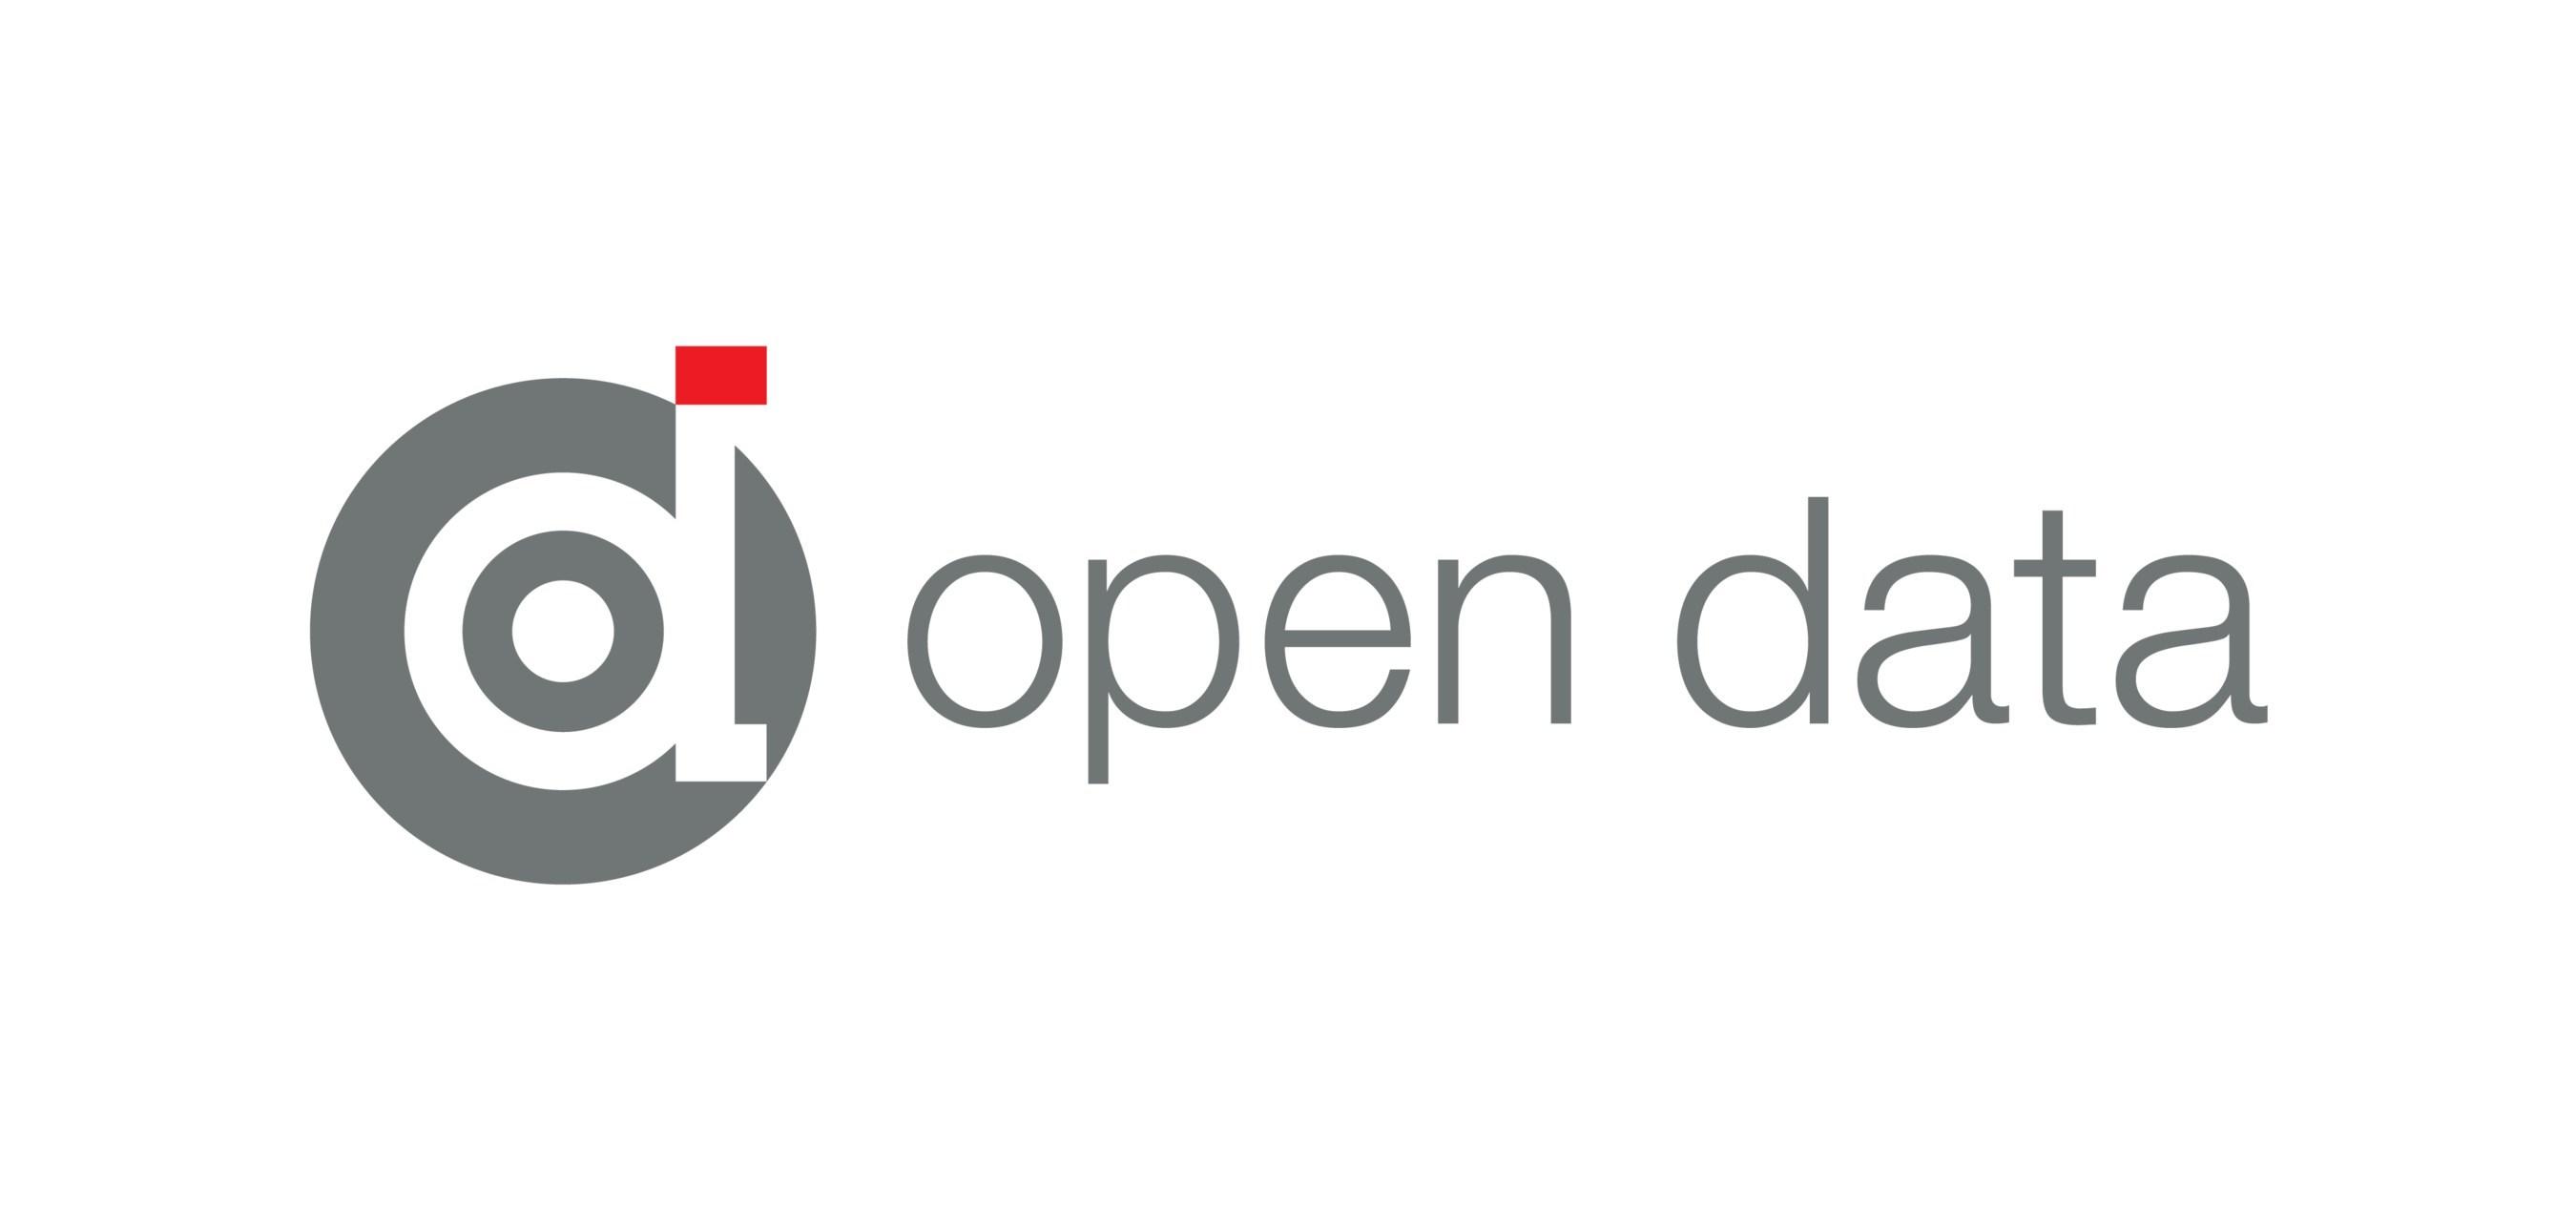 Open Data Group's logo